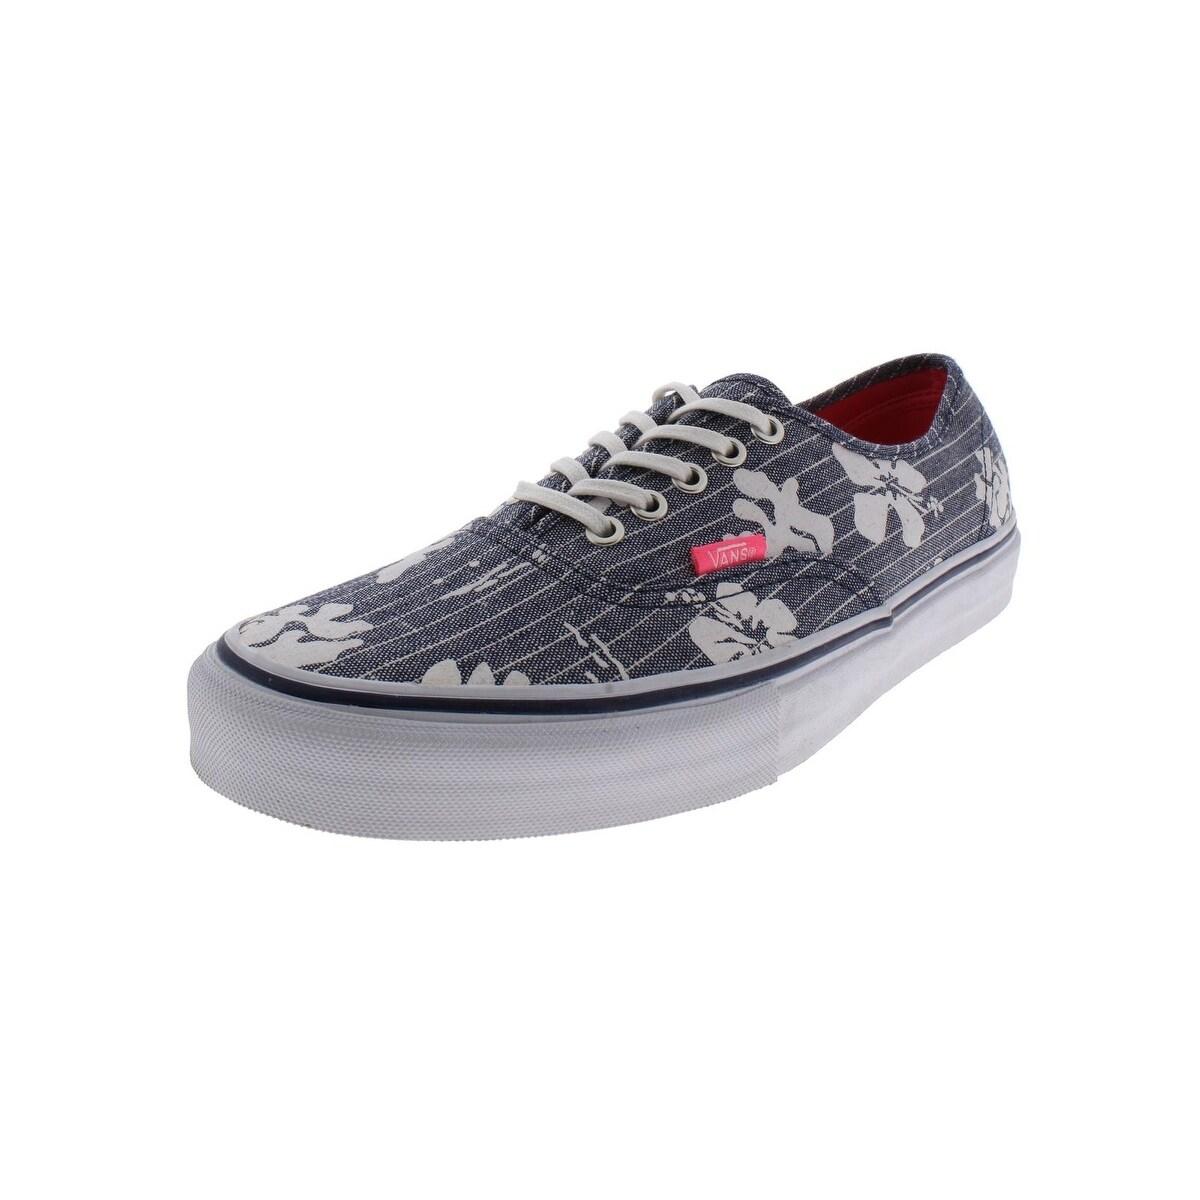 Acquisti Online 2 Sconti su Qualsiasi Caso vans scarpe 2018